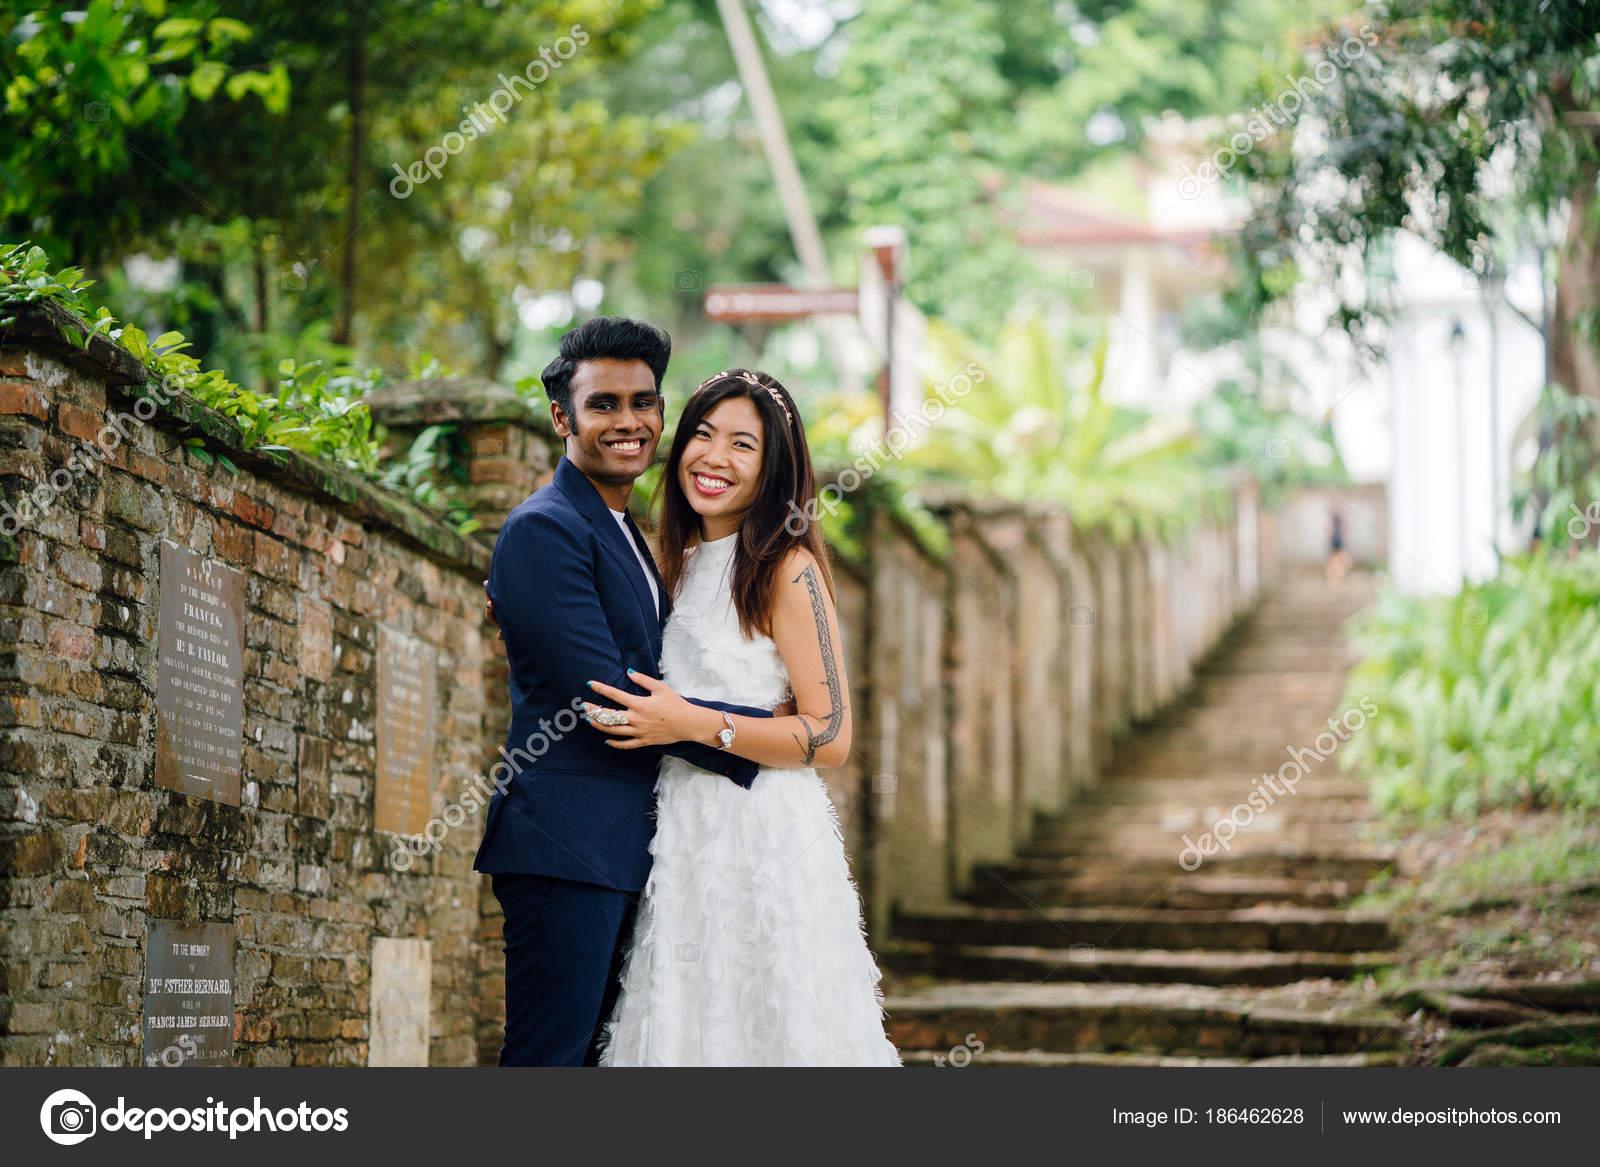 couples rencontres sites Inde ohac rencontres en ligne